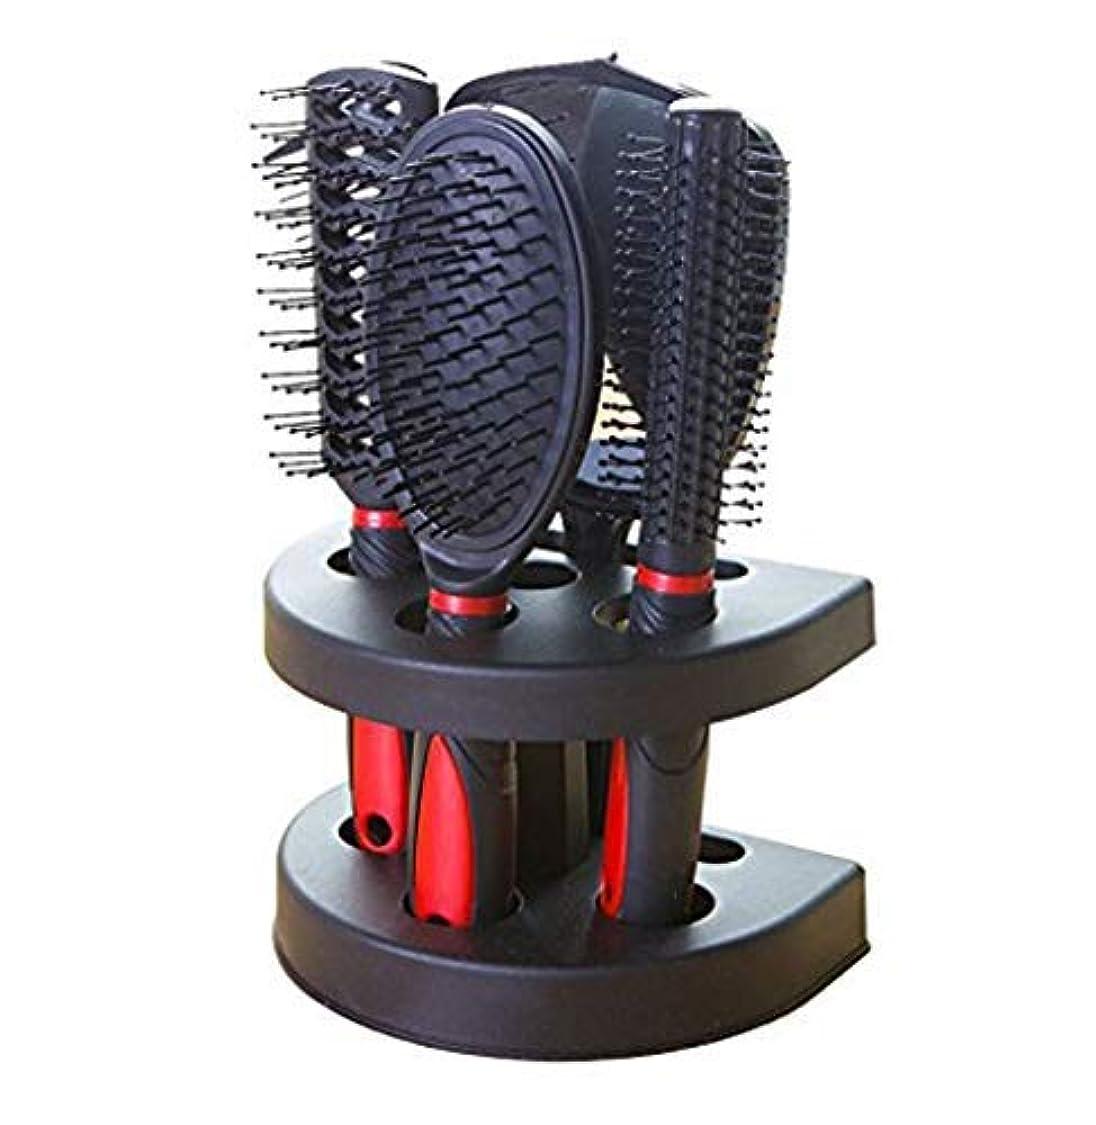 隣人科学原理Healthcom Hairs Combs Salon Hairdressing Styling Tool Hair Cutting Brushes Sets Dressing Comb Kits,Set of 5 [並行輸入品]